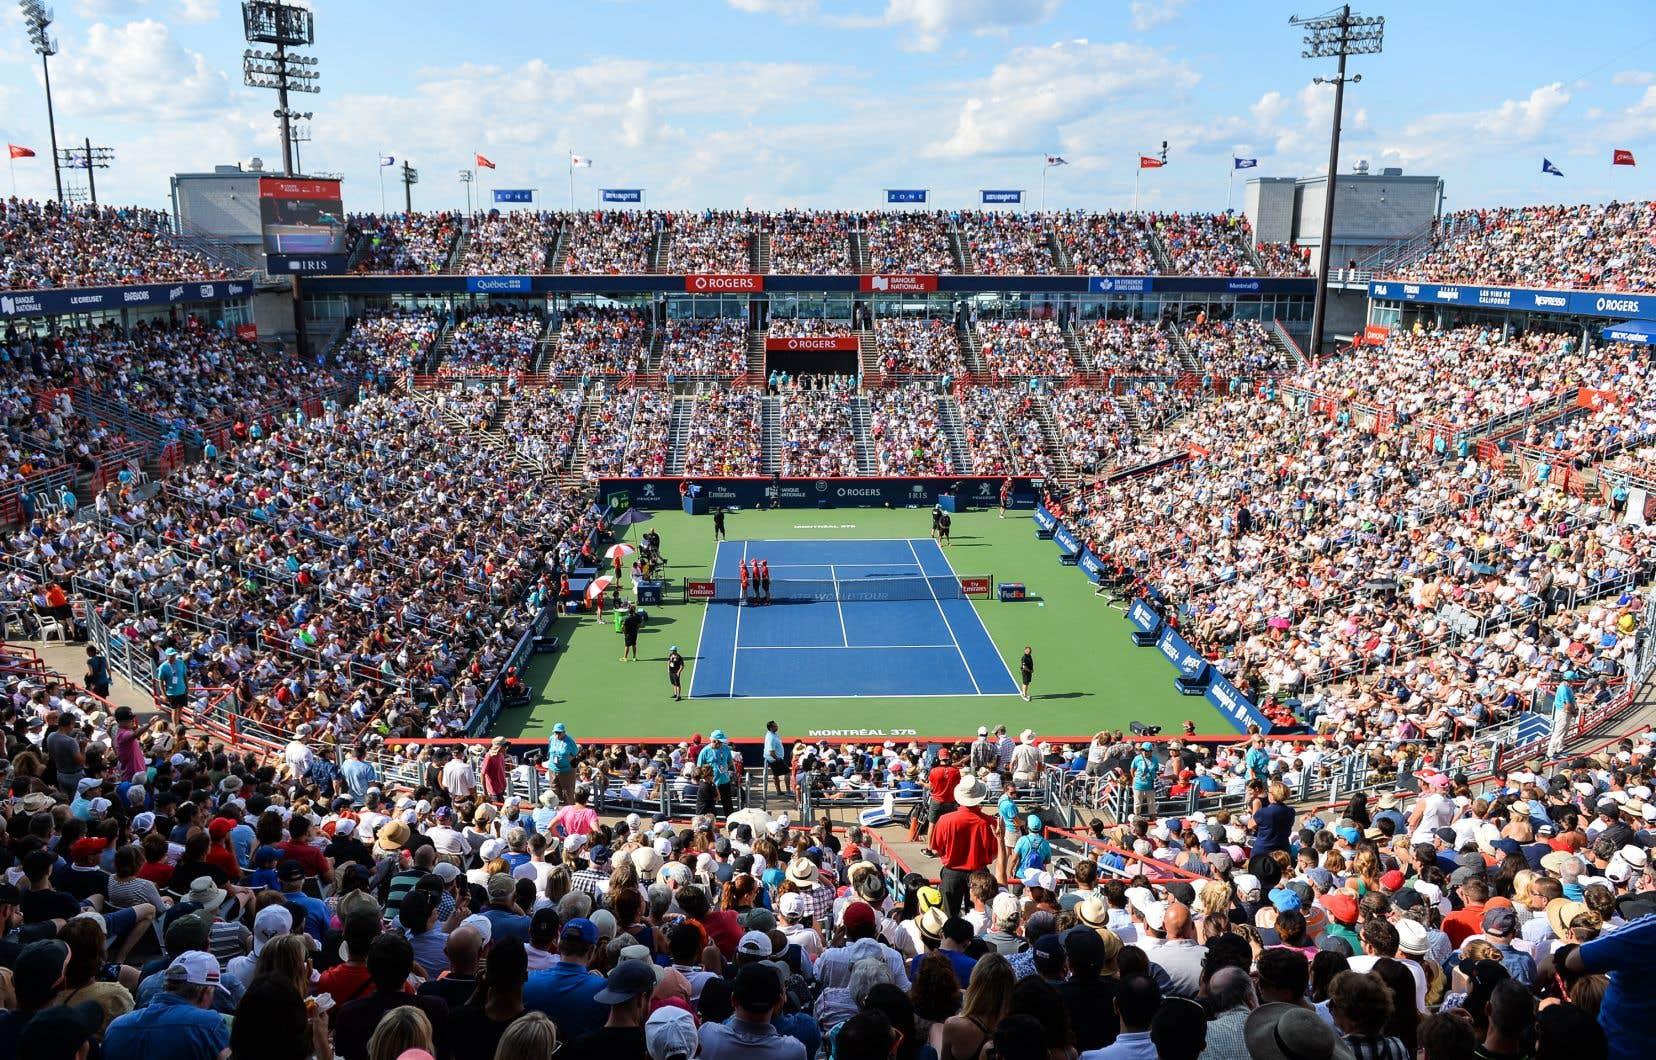 Le stade Uniprix sera le site de la rencontre de barrage pour le Groupe mondial II de la Fed Cup de tennis.